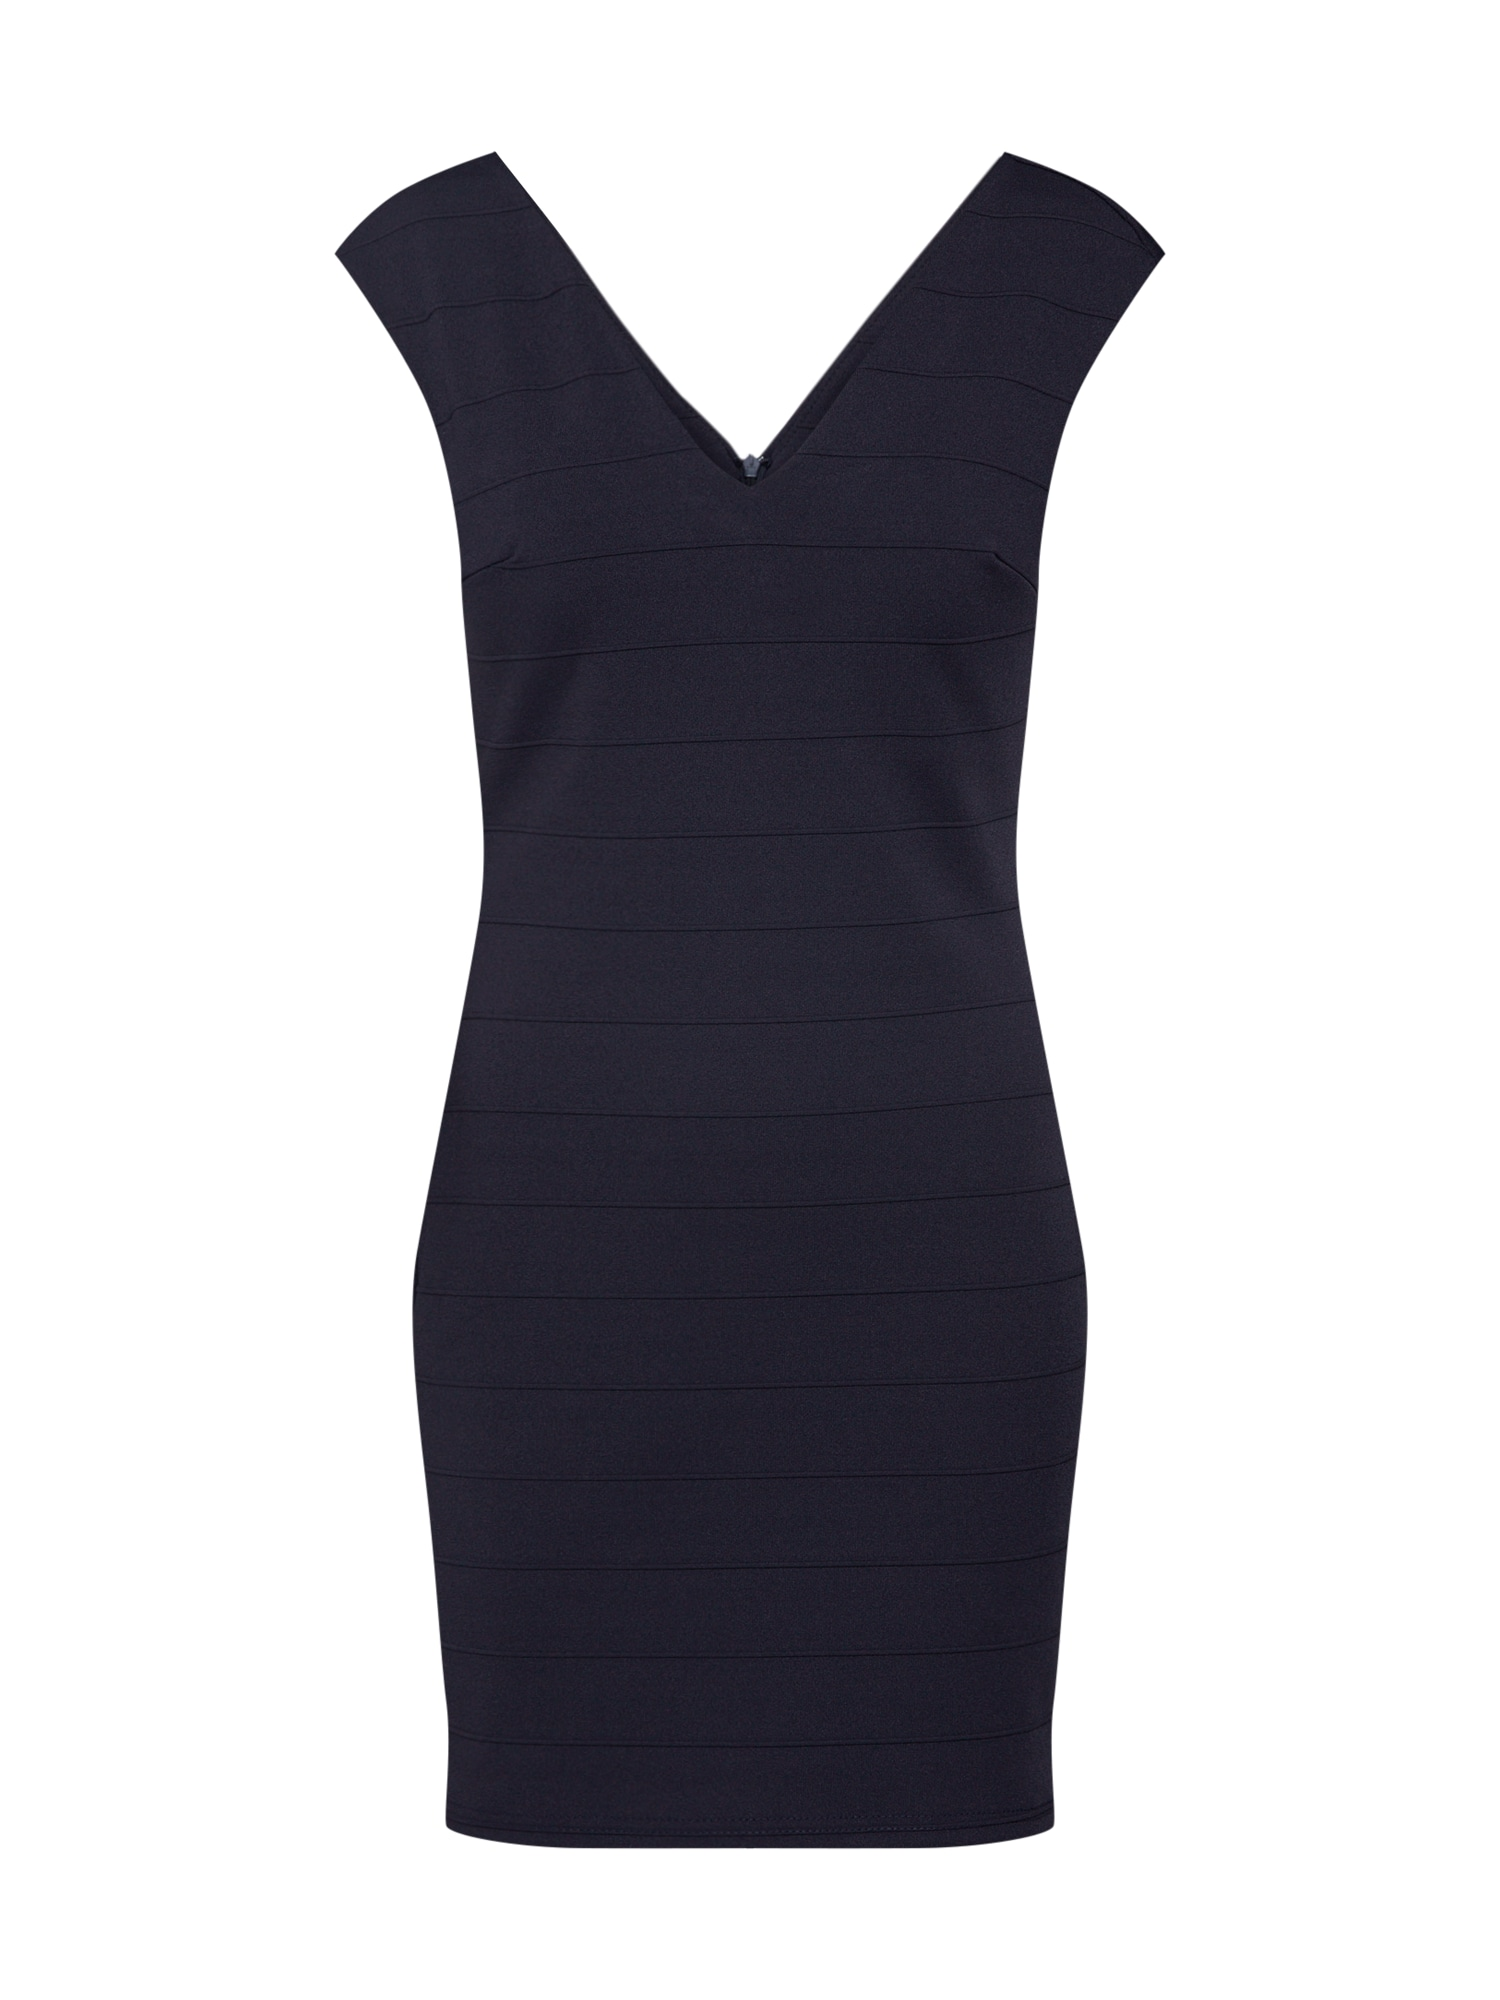 Koktejlové šaty V NECK STRETCH BODYCON námořnická modř Mela London